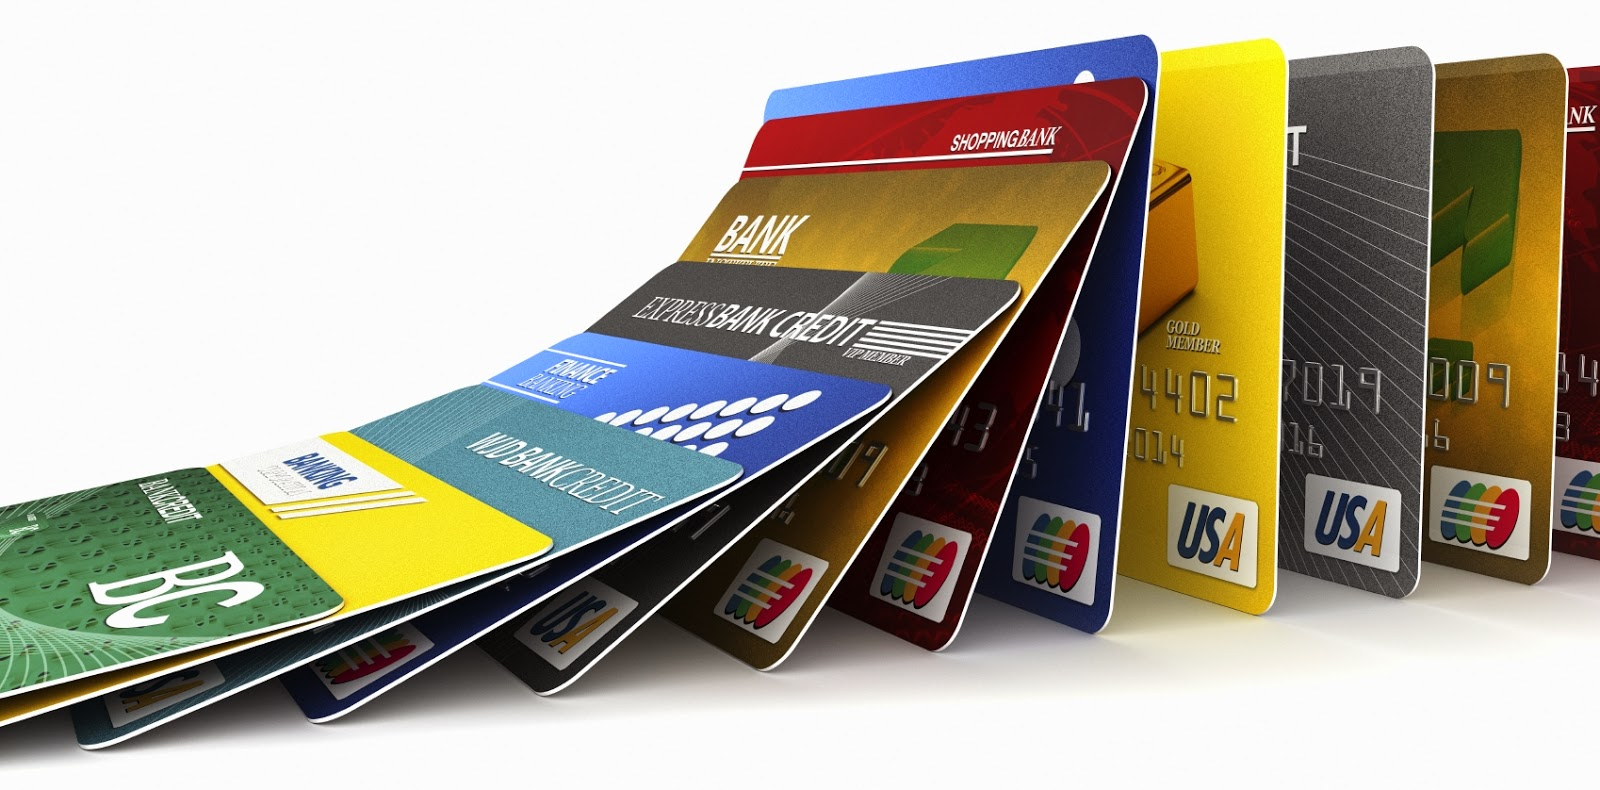 Promo Diskon Kartu Kredit